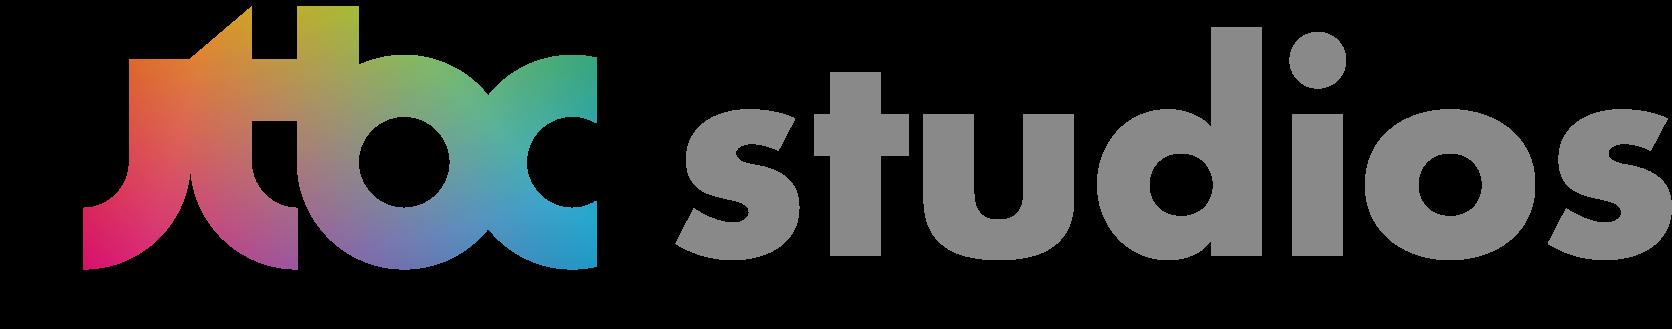 중앙일보의 계열사 제이티비씨스튜디오(주)의 로고